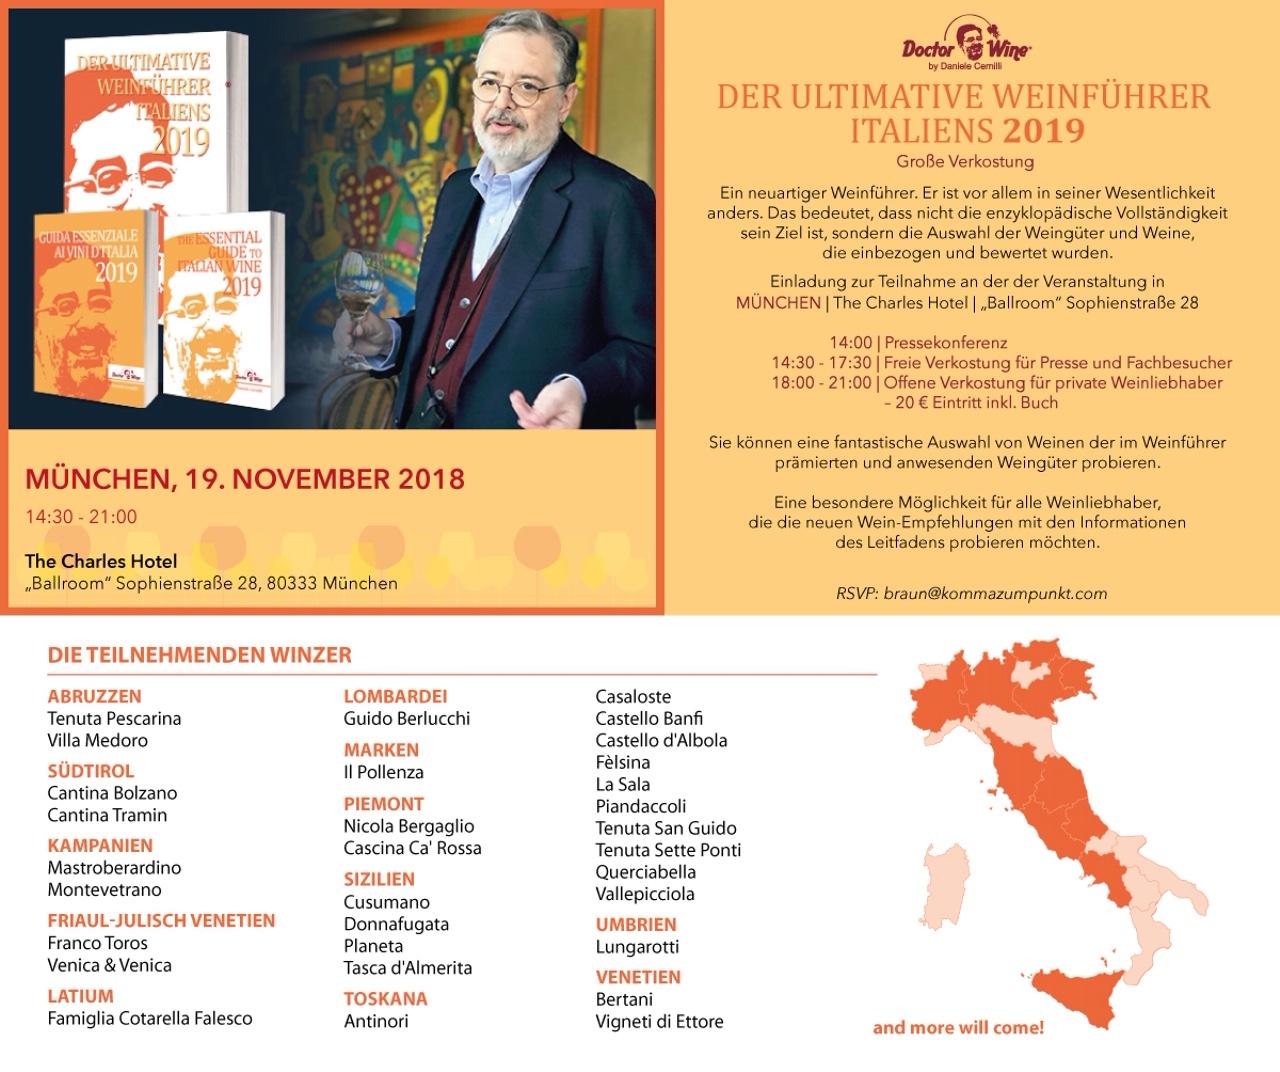 Einladung Verkostung Buchpräsentation Daniele Cernilli